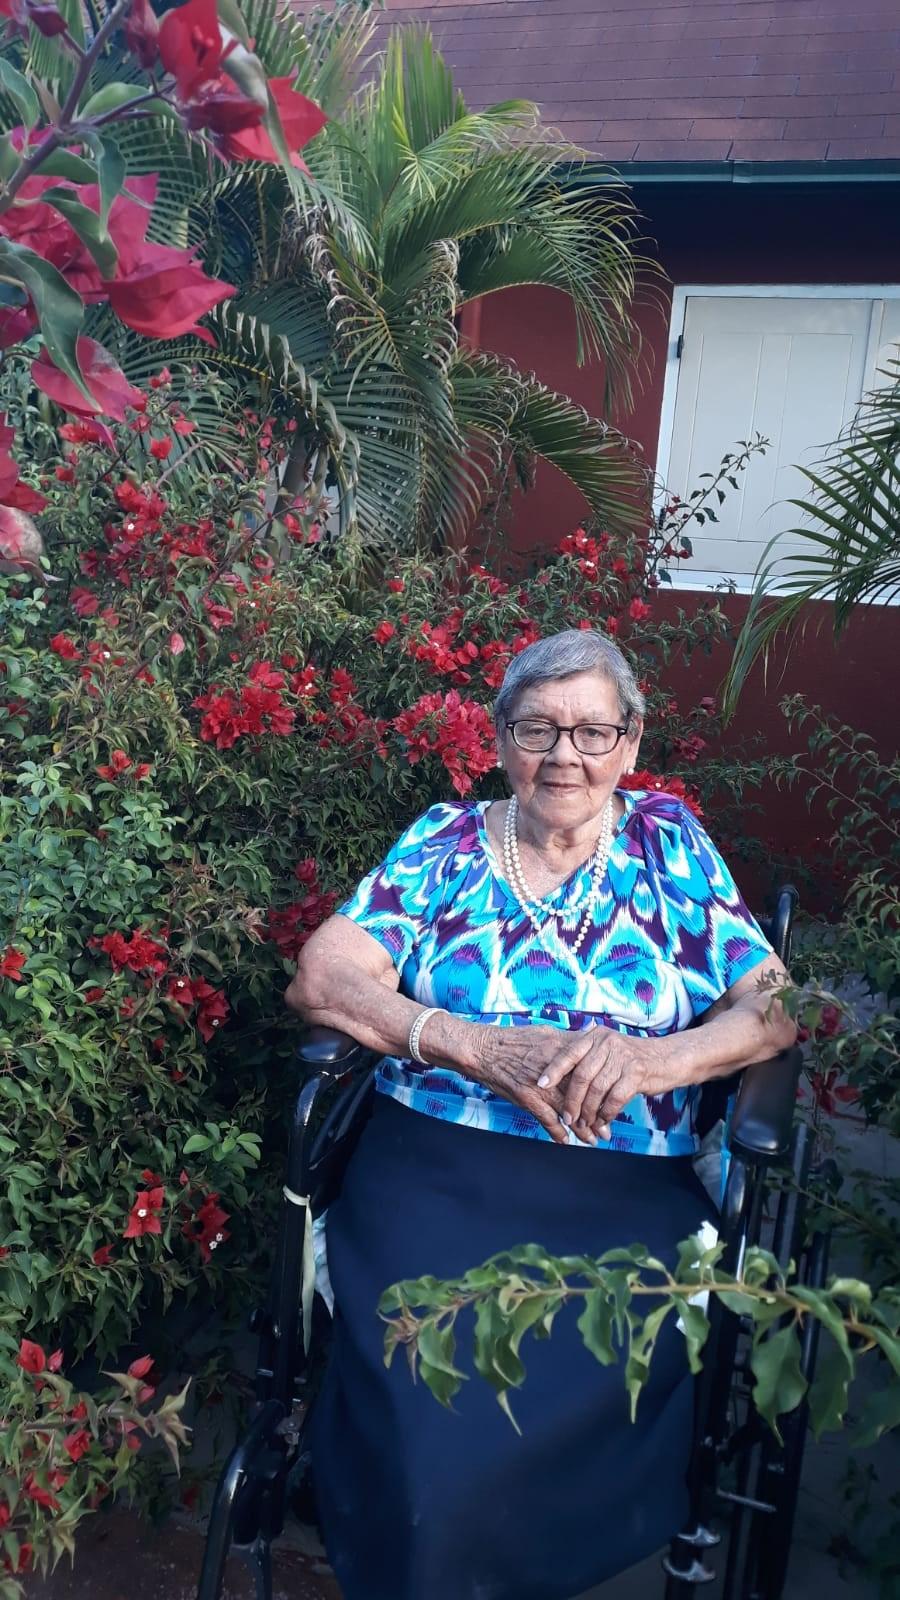 Juanita Graciela Martinus-Beukenboom